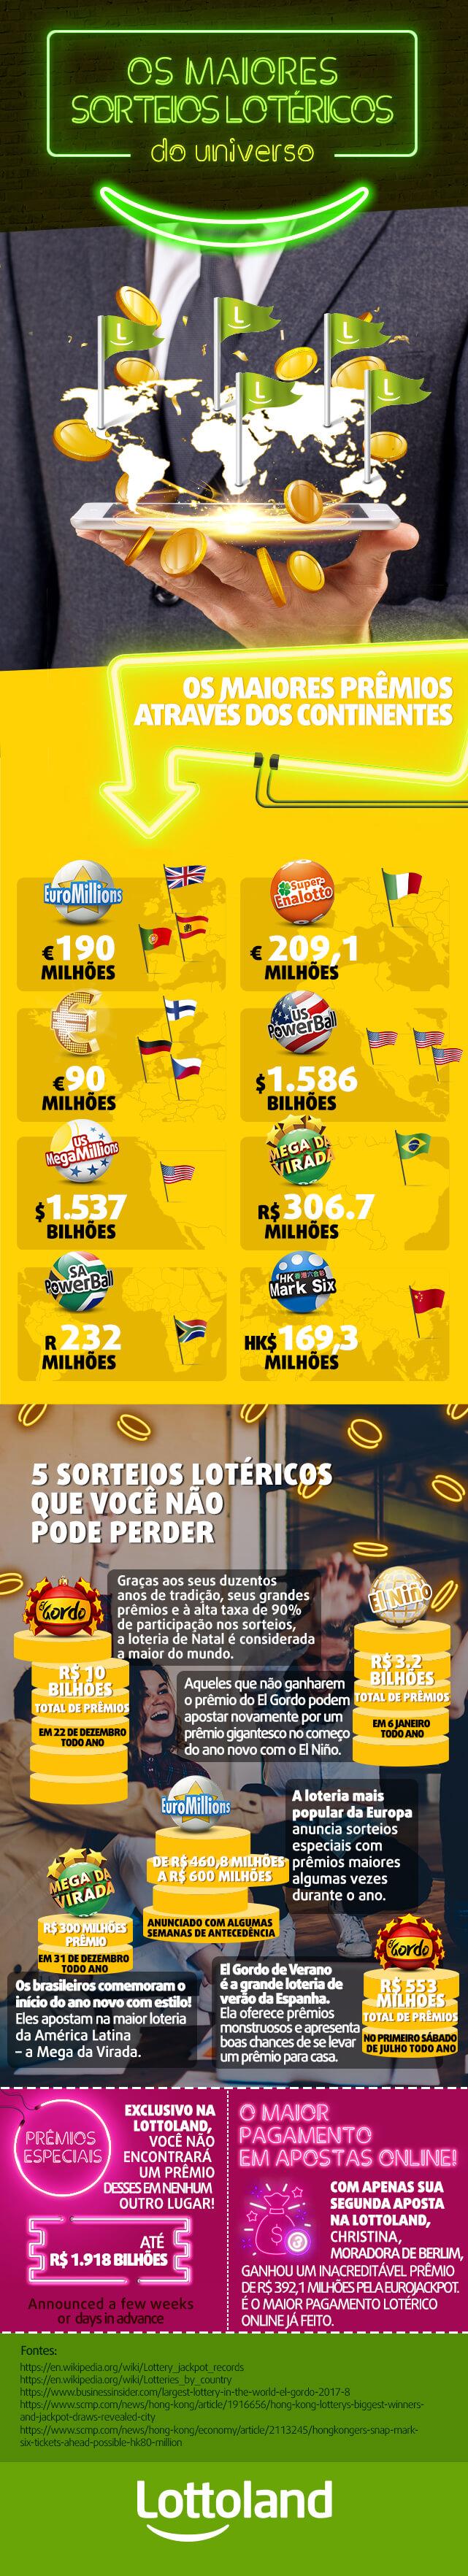 Gráfico com informações sobre os maiores prêmios e sorteios de loterias